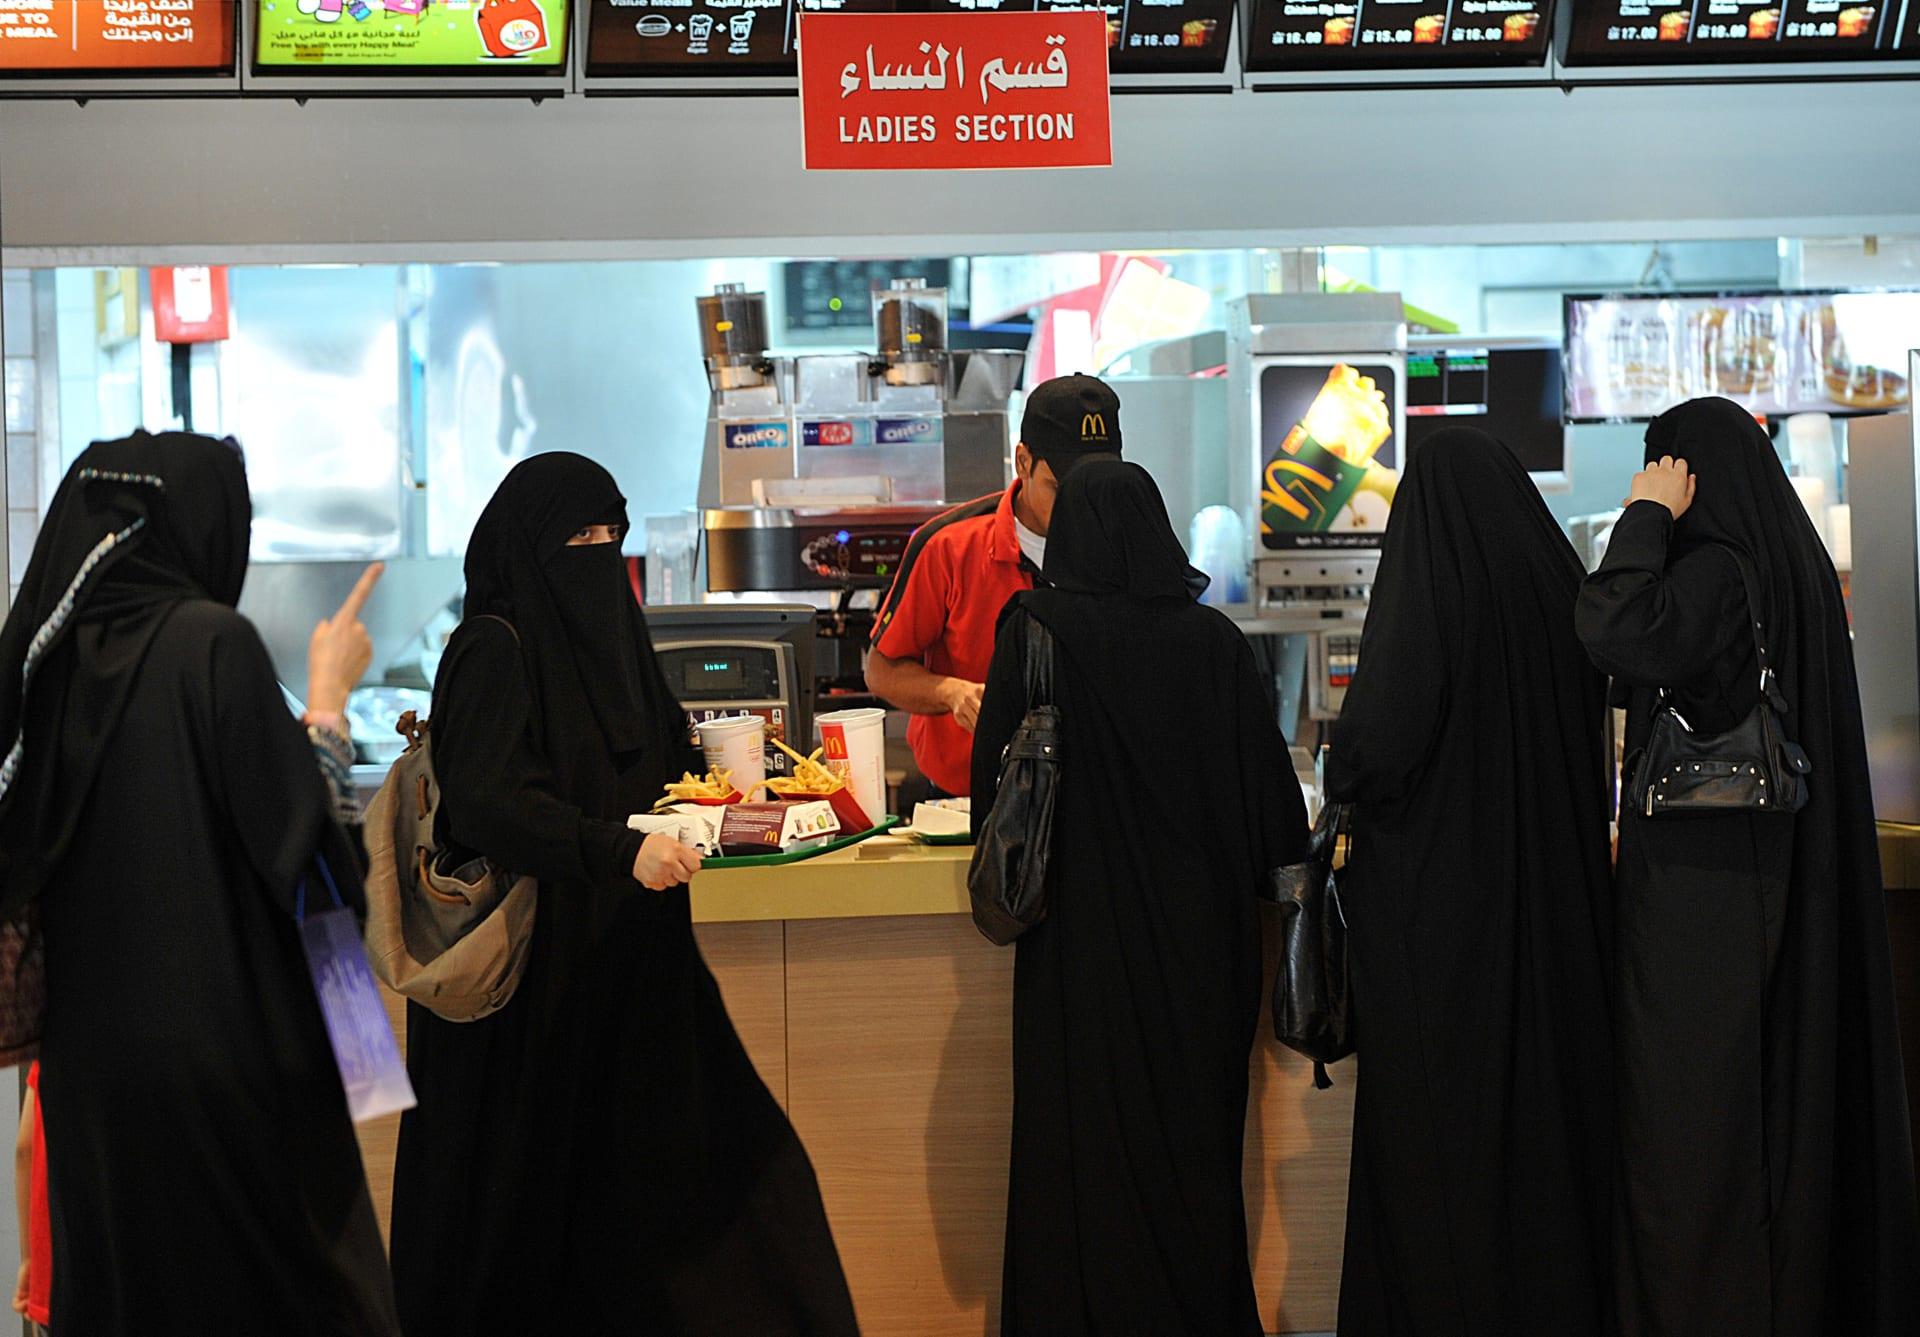 السعودية تبدأ توطين قطاع المطاعم والمقاهي بـ50 ألف وظيفة